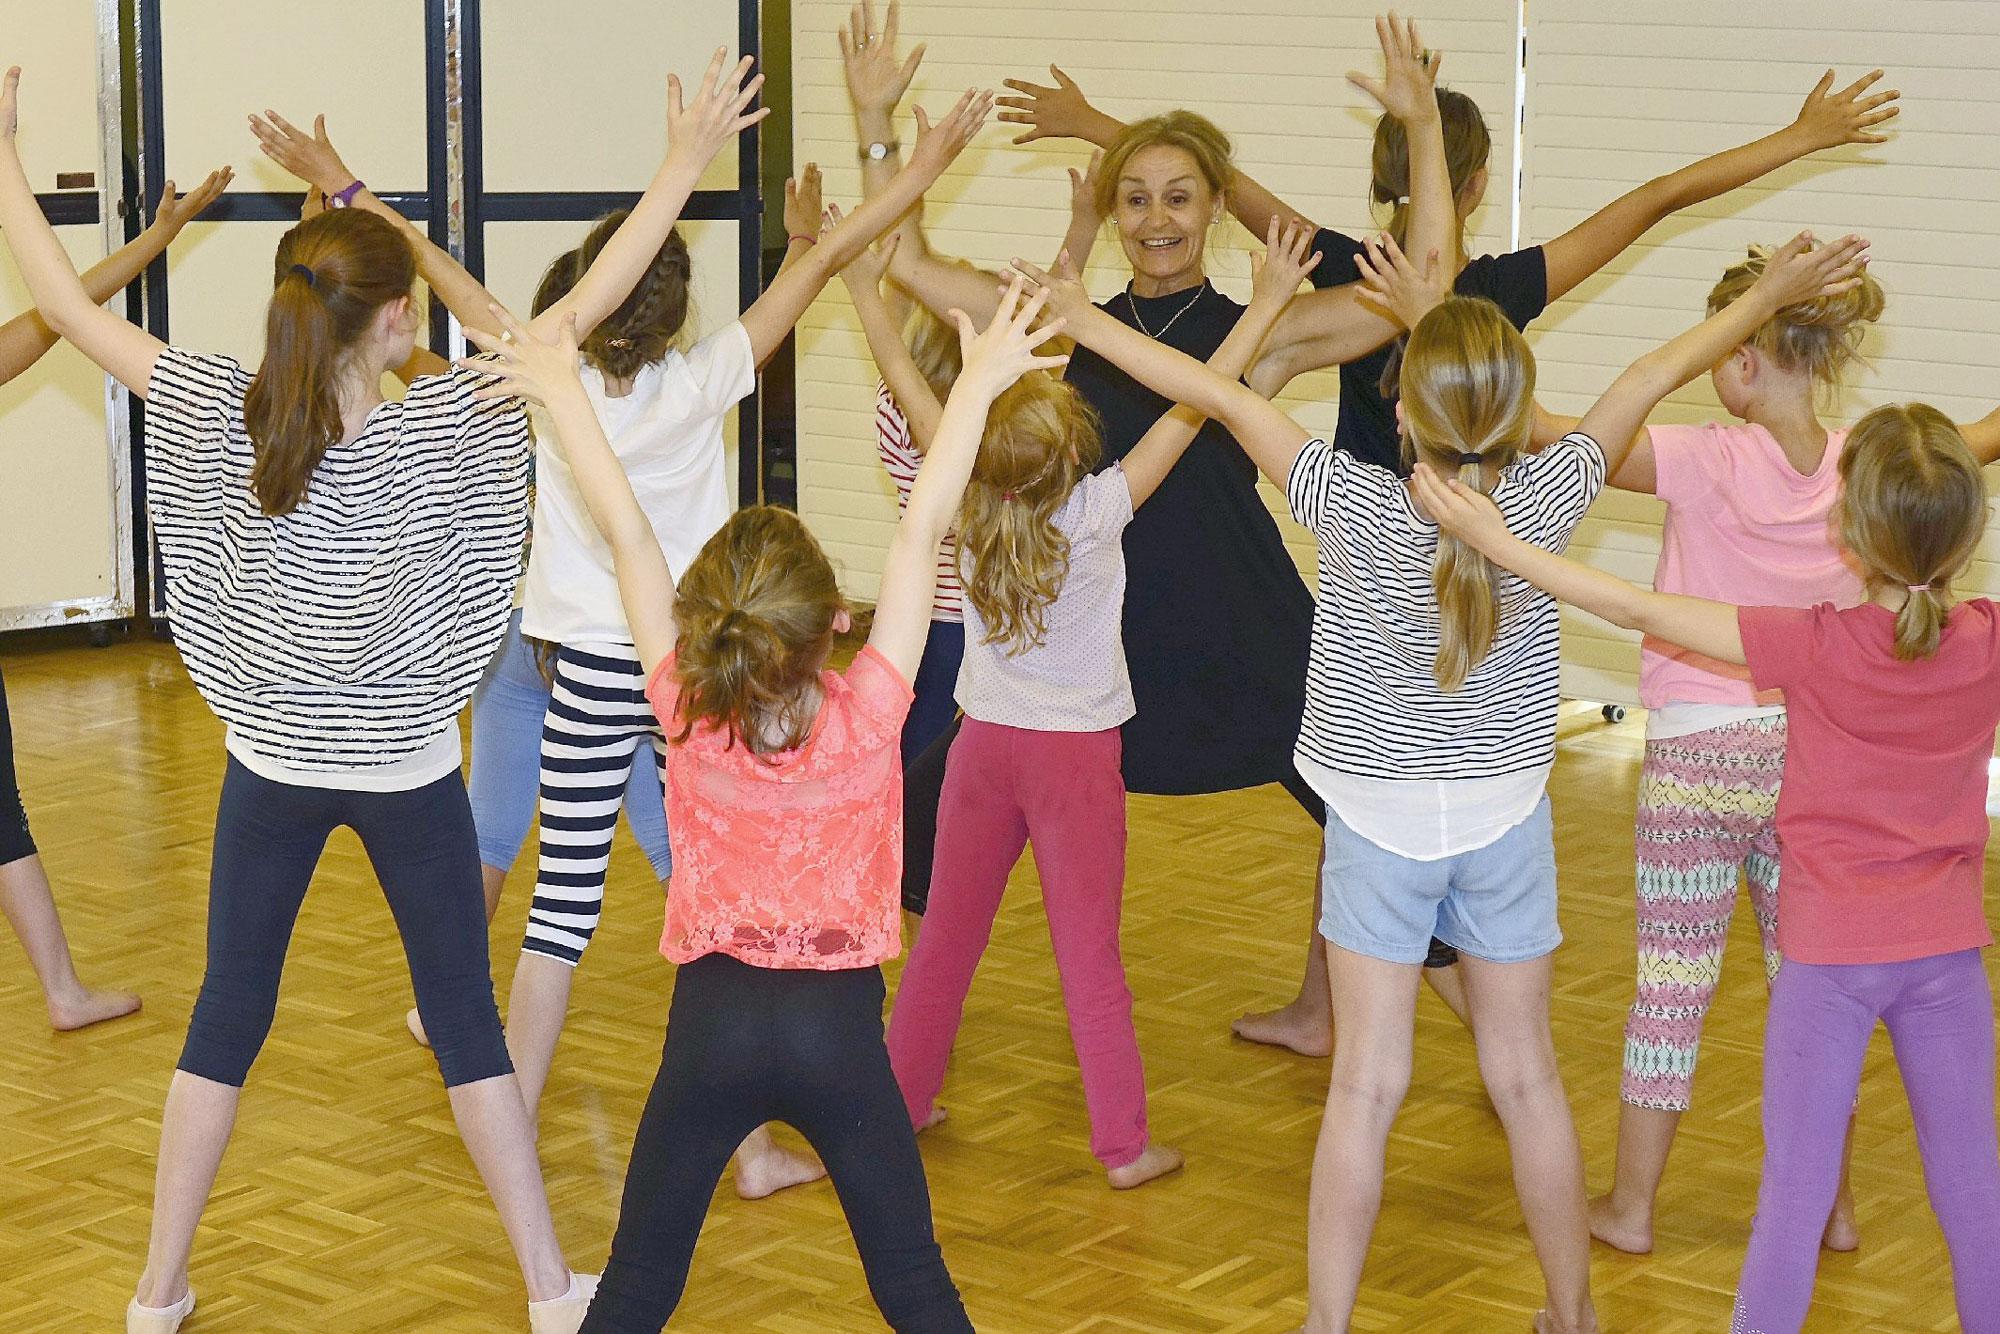 Aufgrund der hohen Nachfrage startet nach den Ferien eine neue Tanzklasse für Kinder von fünf bis sieben Jahren. (Foto:Dagmar C. Weinert)